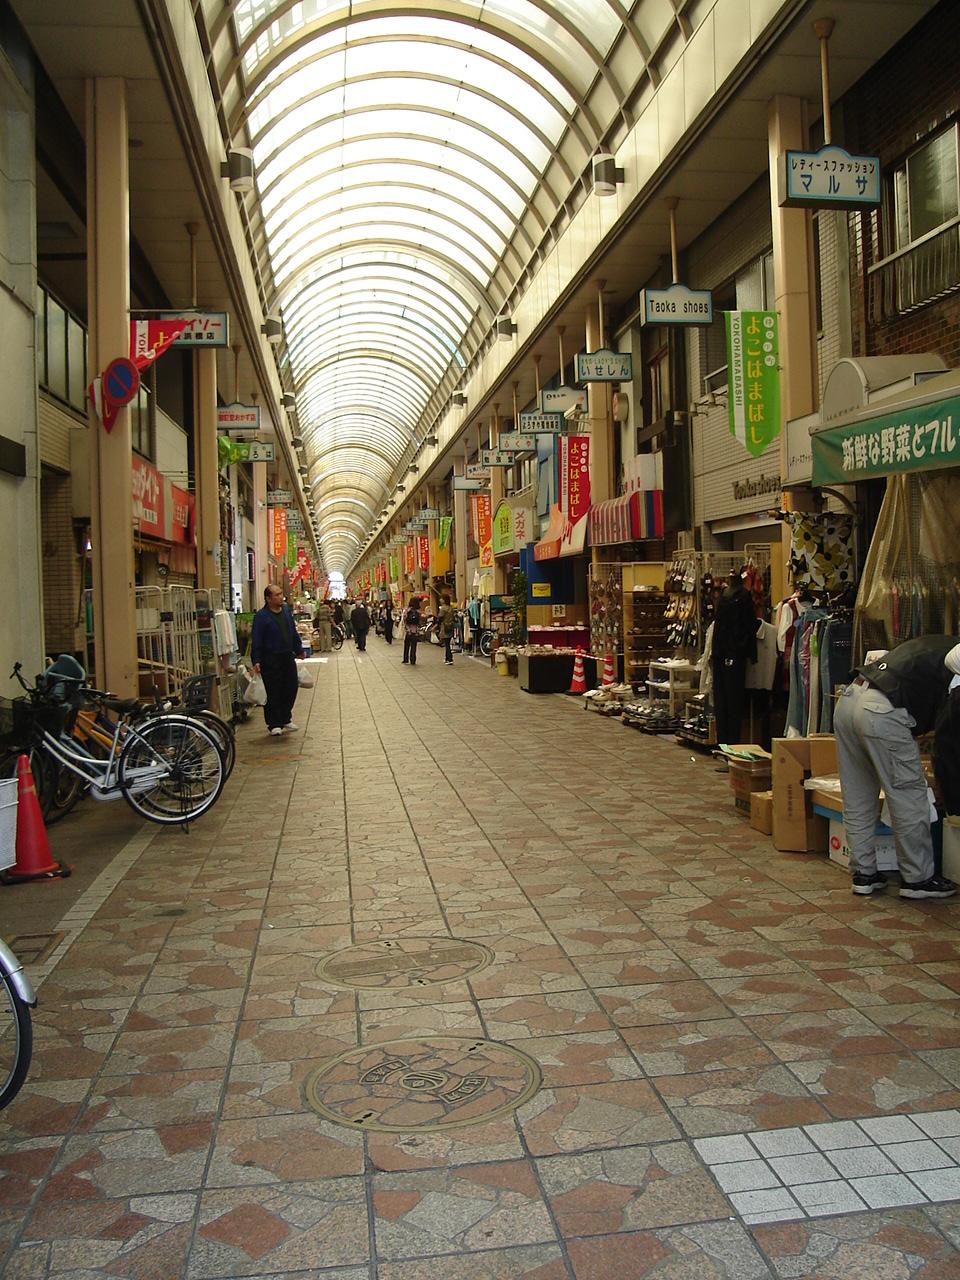 お店が立ち並ぶ賑やかな商店街です